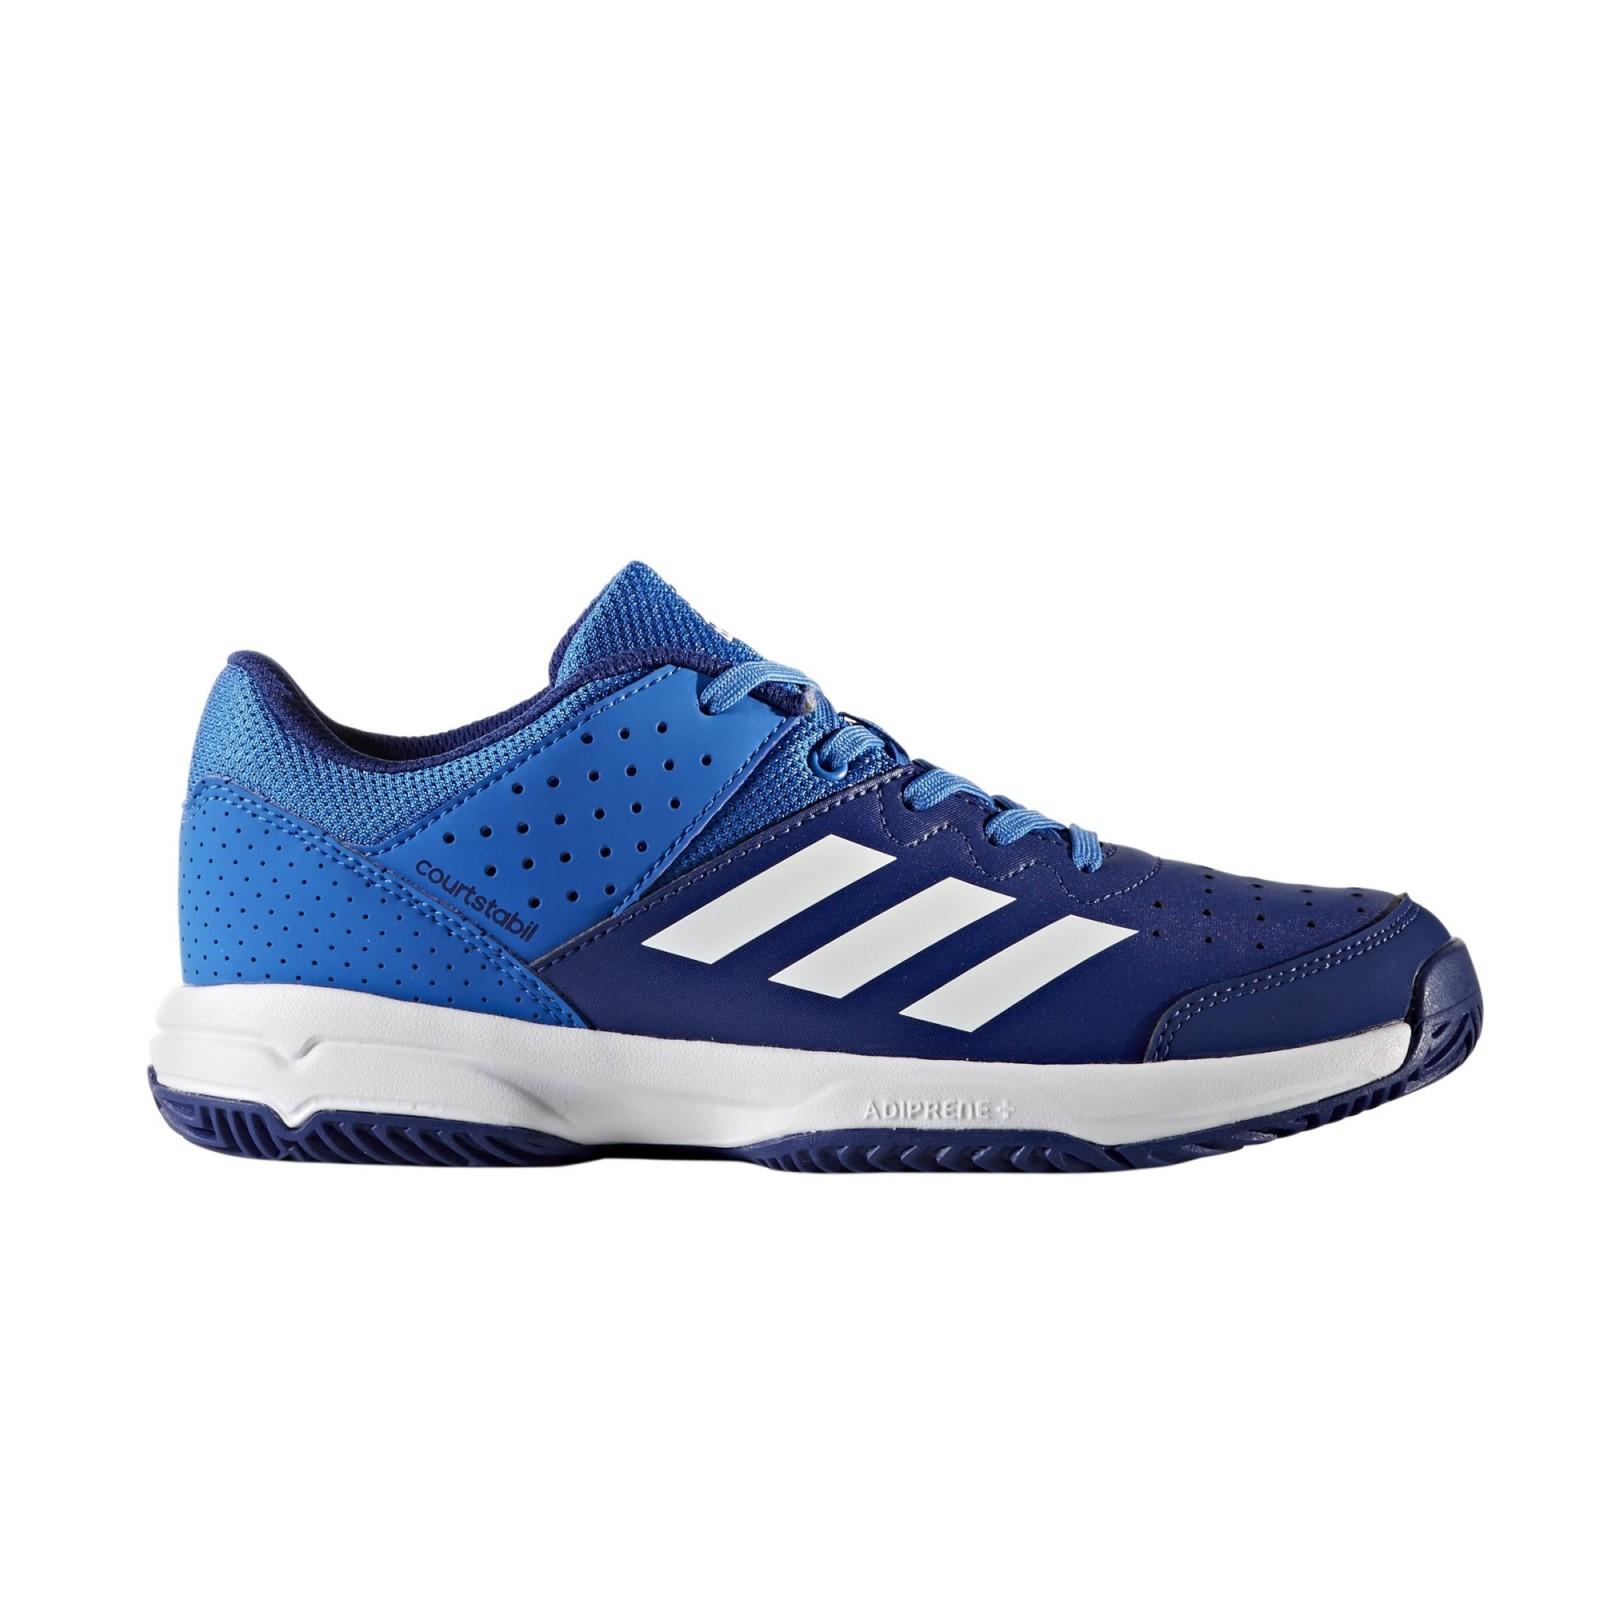 Dětská sálová obuv adidas Performance COURT STABIL JR BLUE FTWWHT MYSINK. Dětská  sálová obuv adidas ... e3b248767c